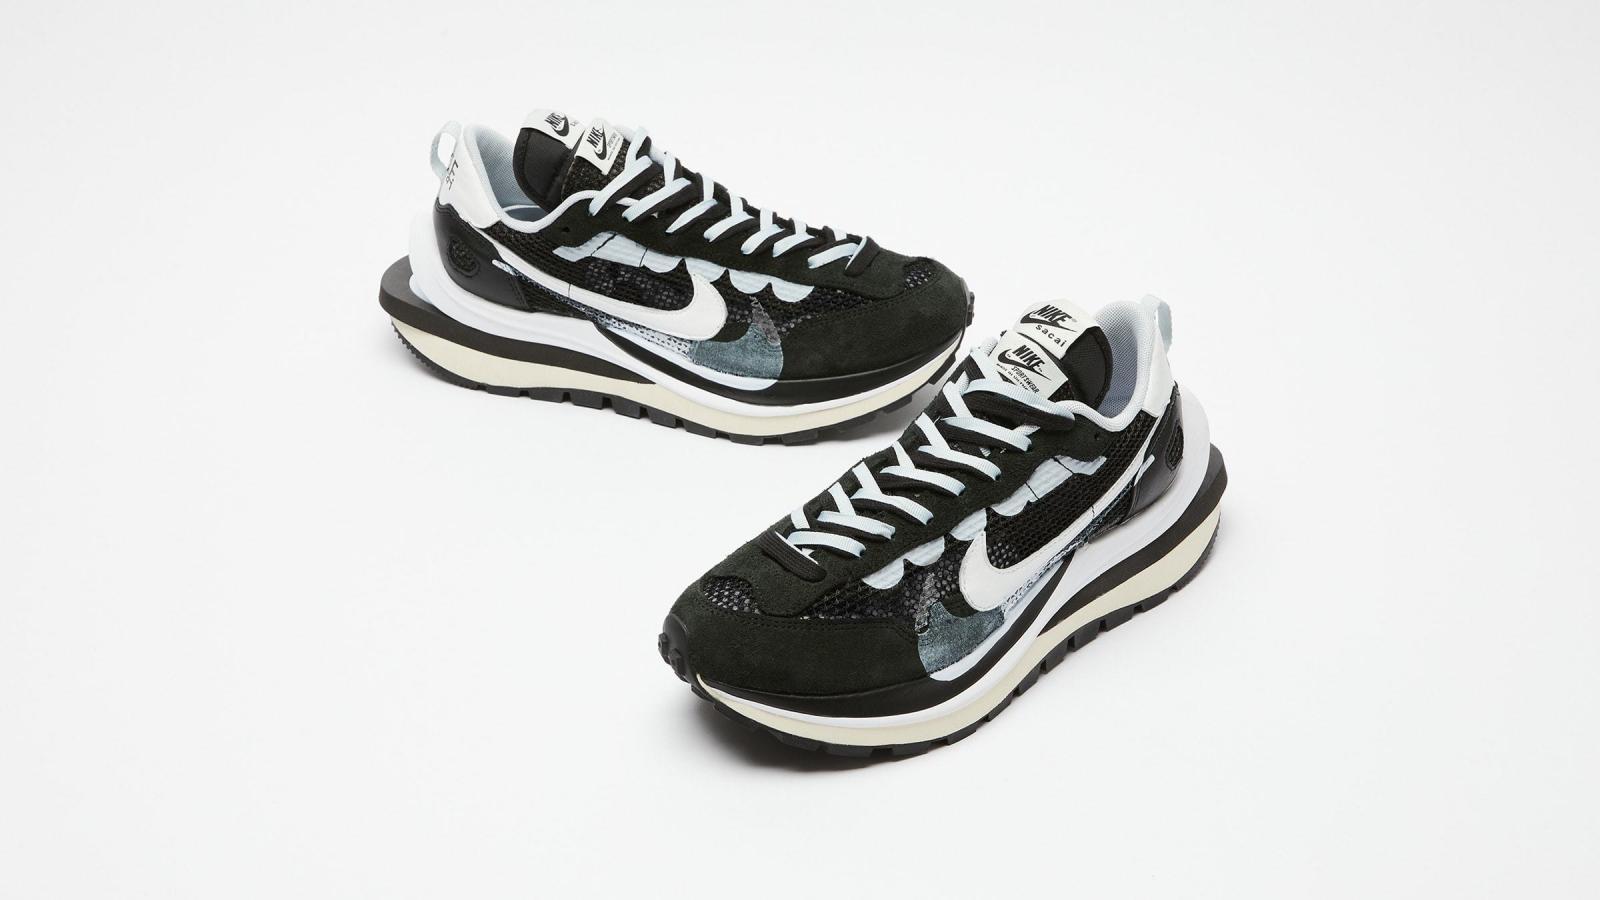 实拍展示黑/山峰白色sacai x Nike VaporWaffle